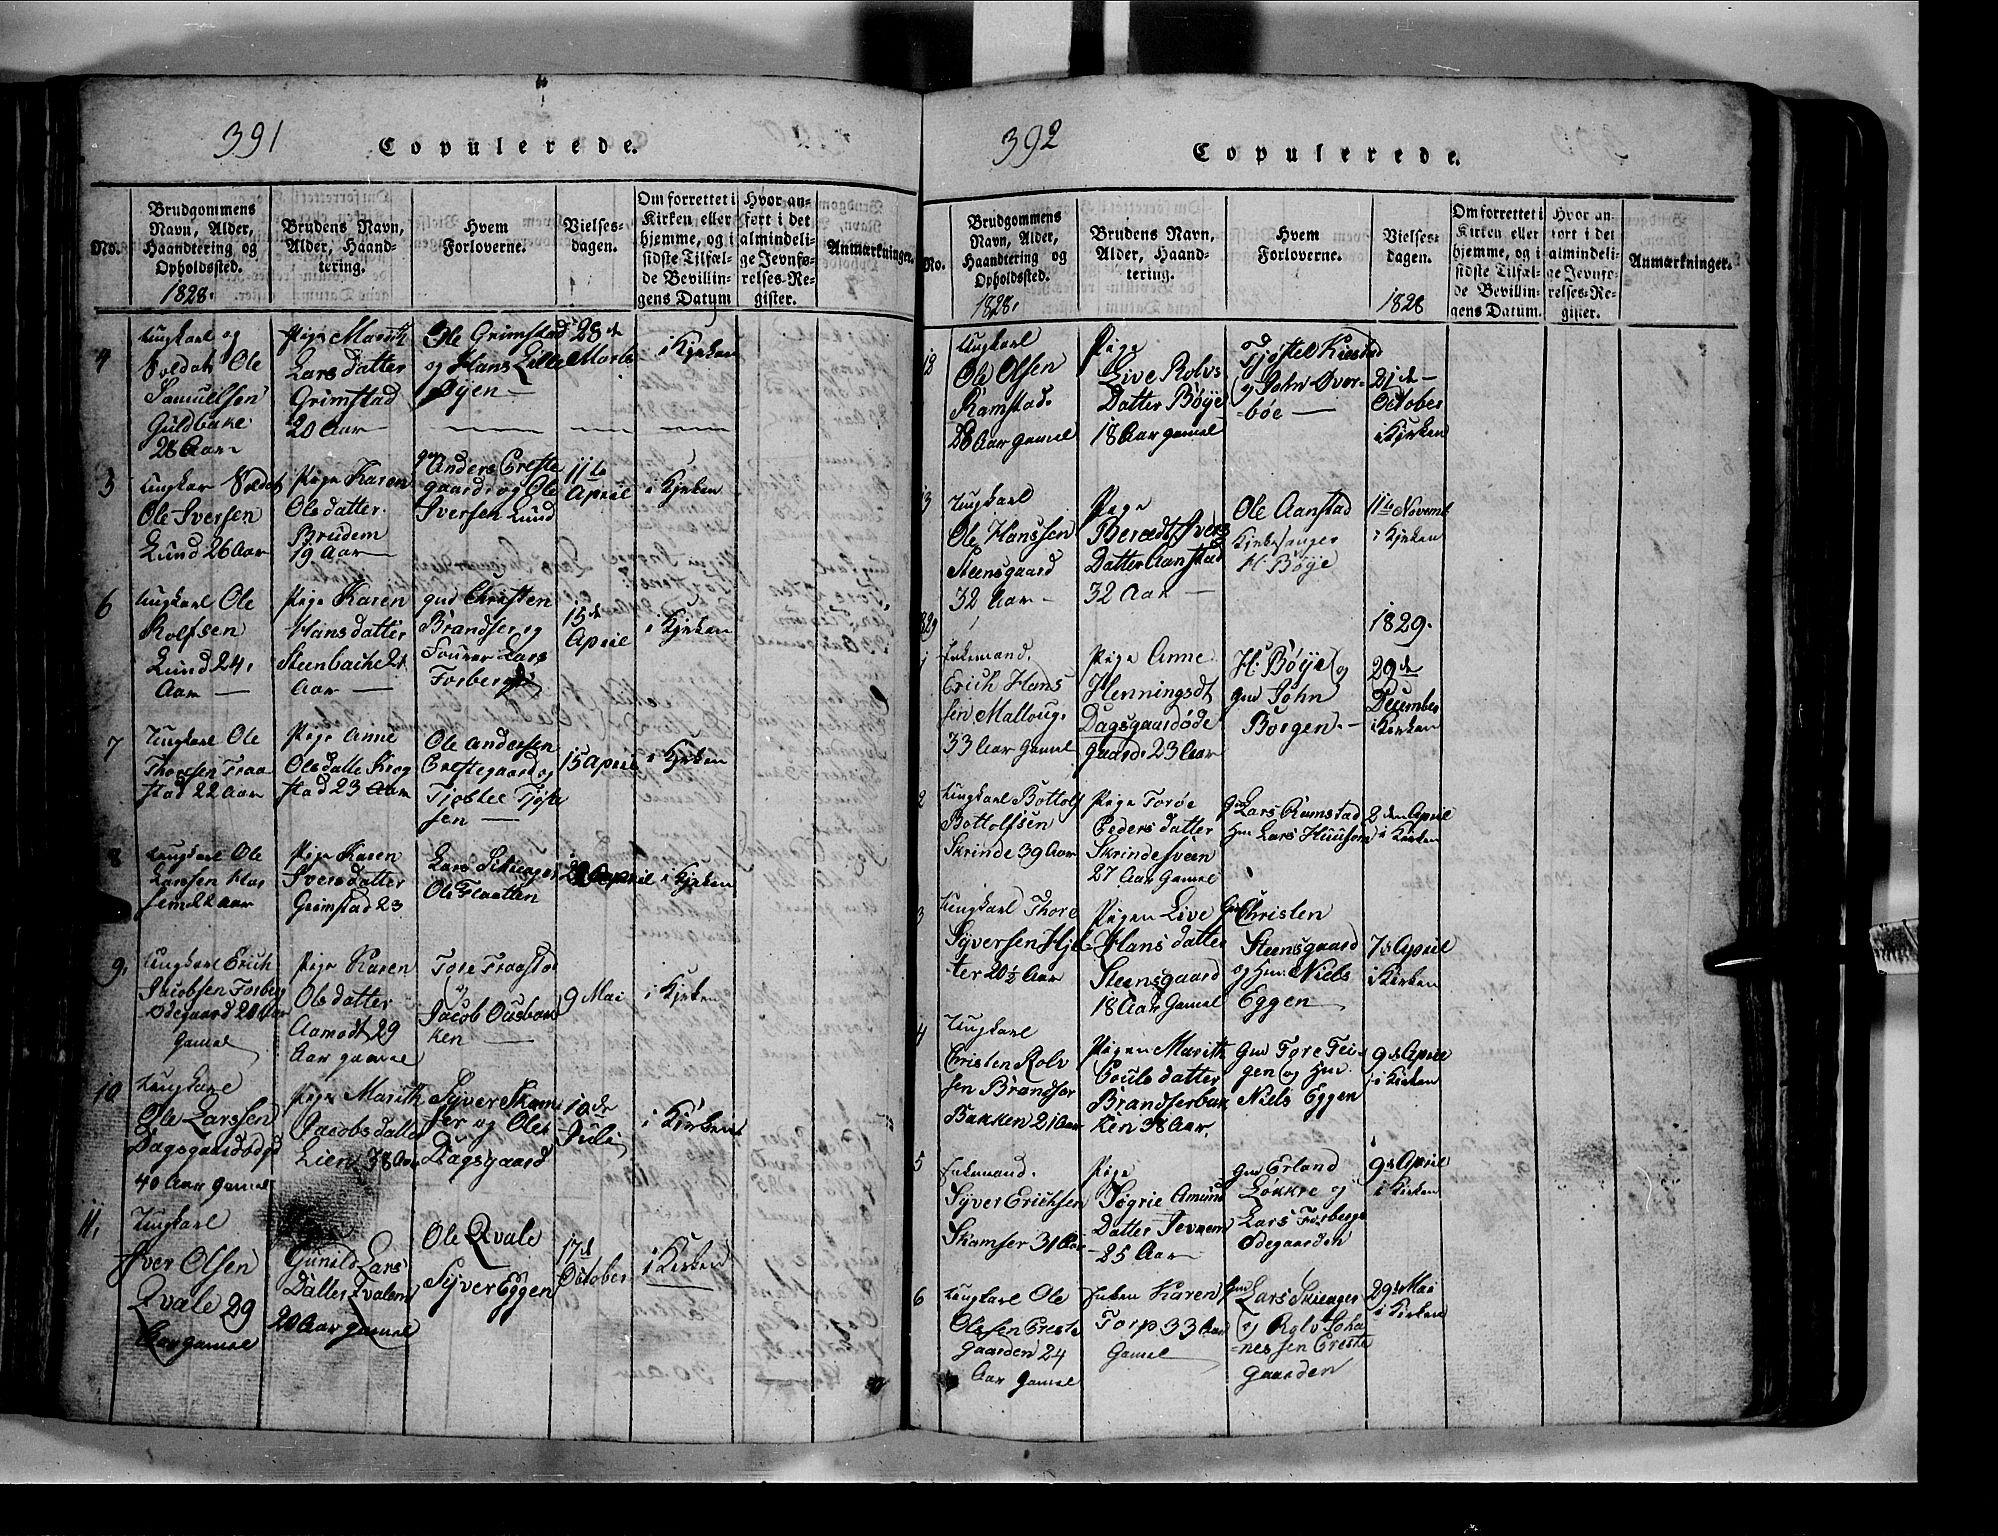 SAH, Lom prestekontor, L/L0003: Klokkerbok nr. 3, 1815-1844, s. 391-392